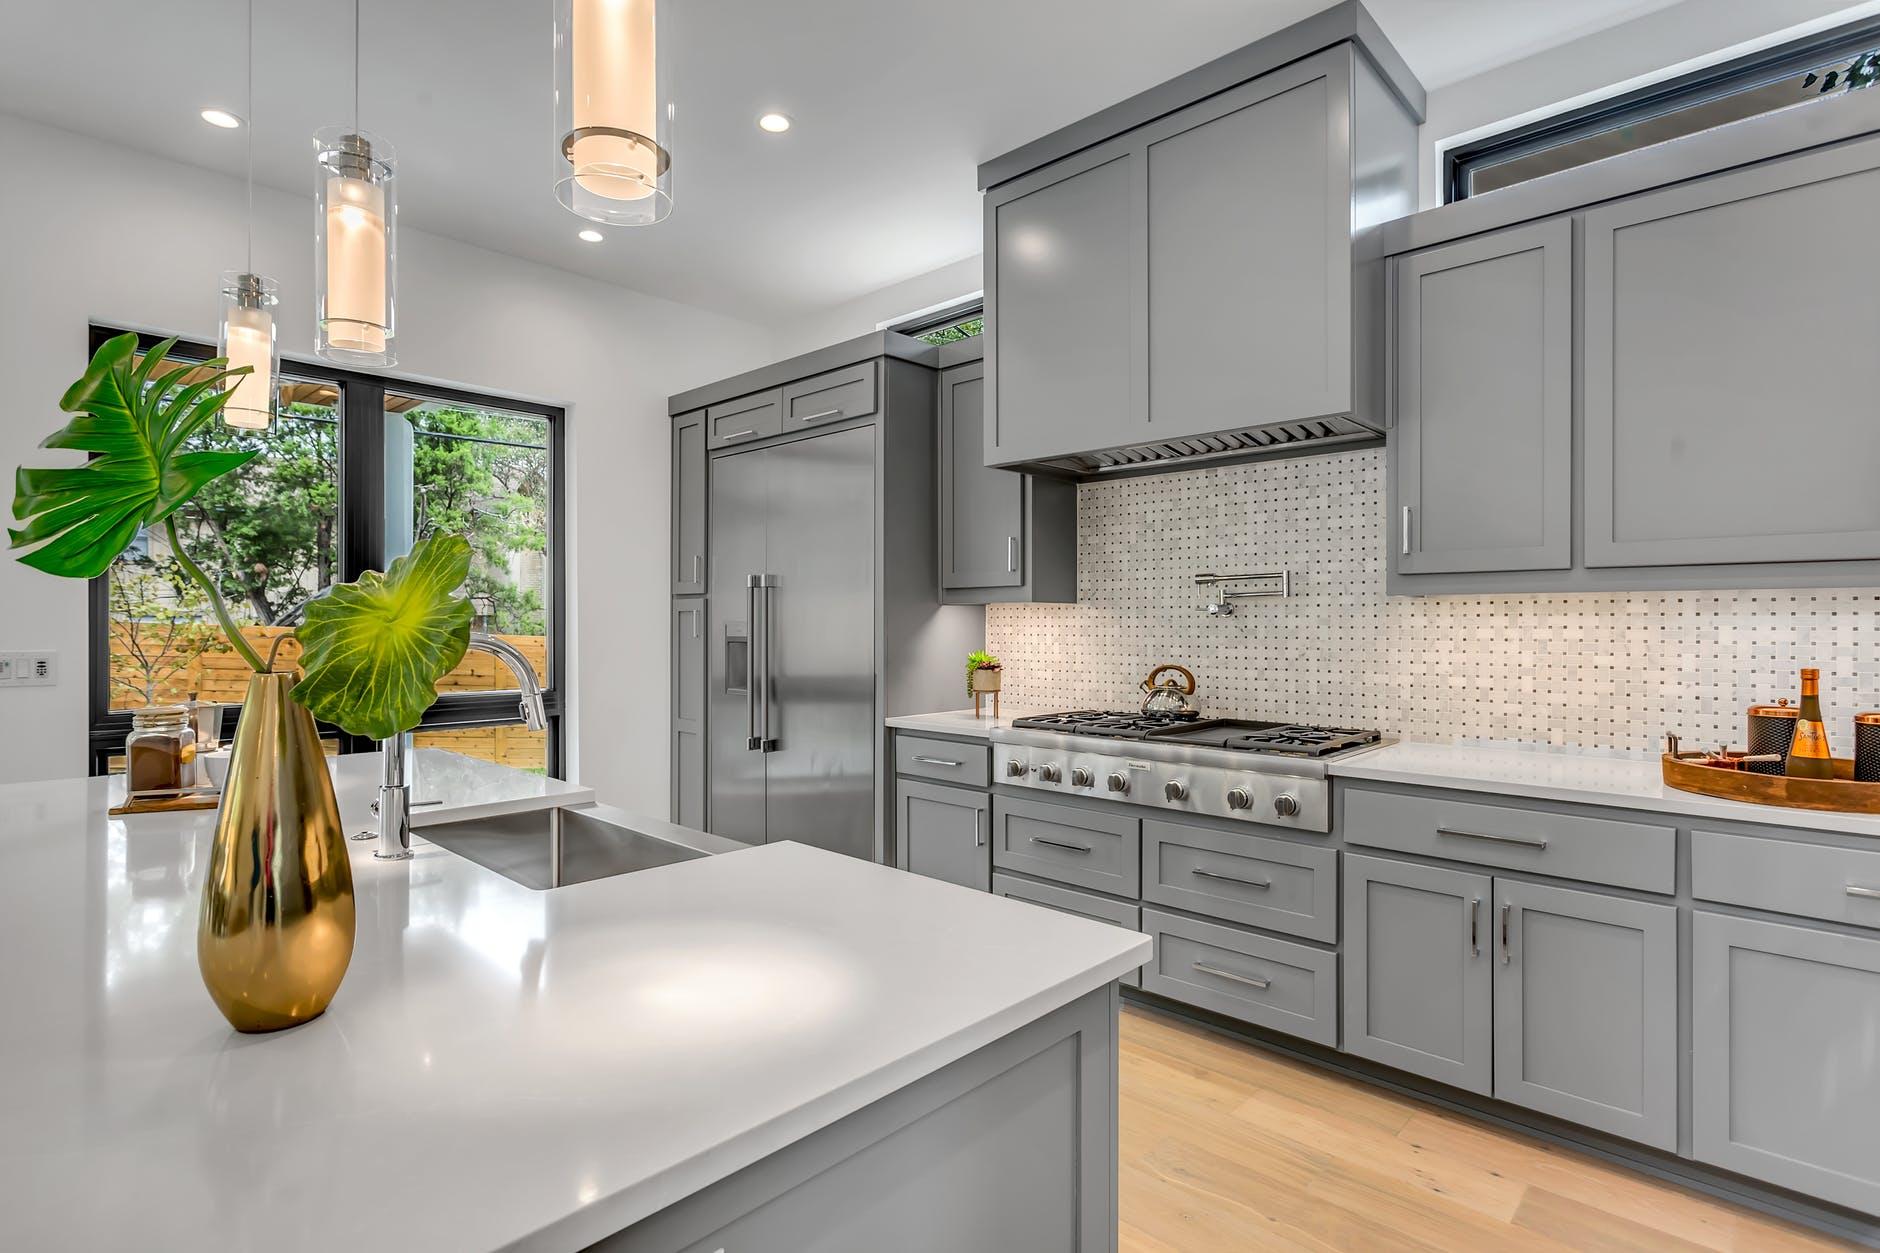 ниво на кухненските мебели